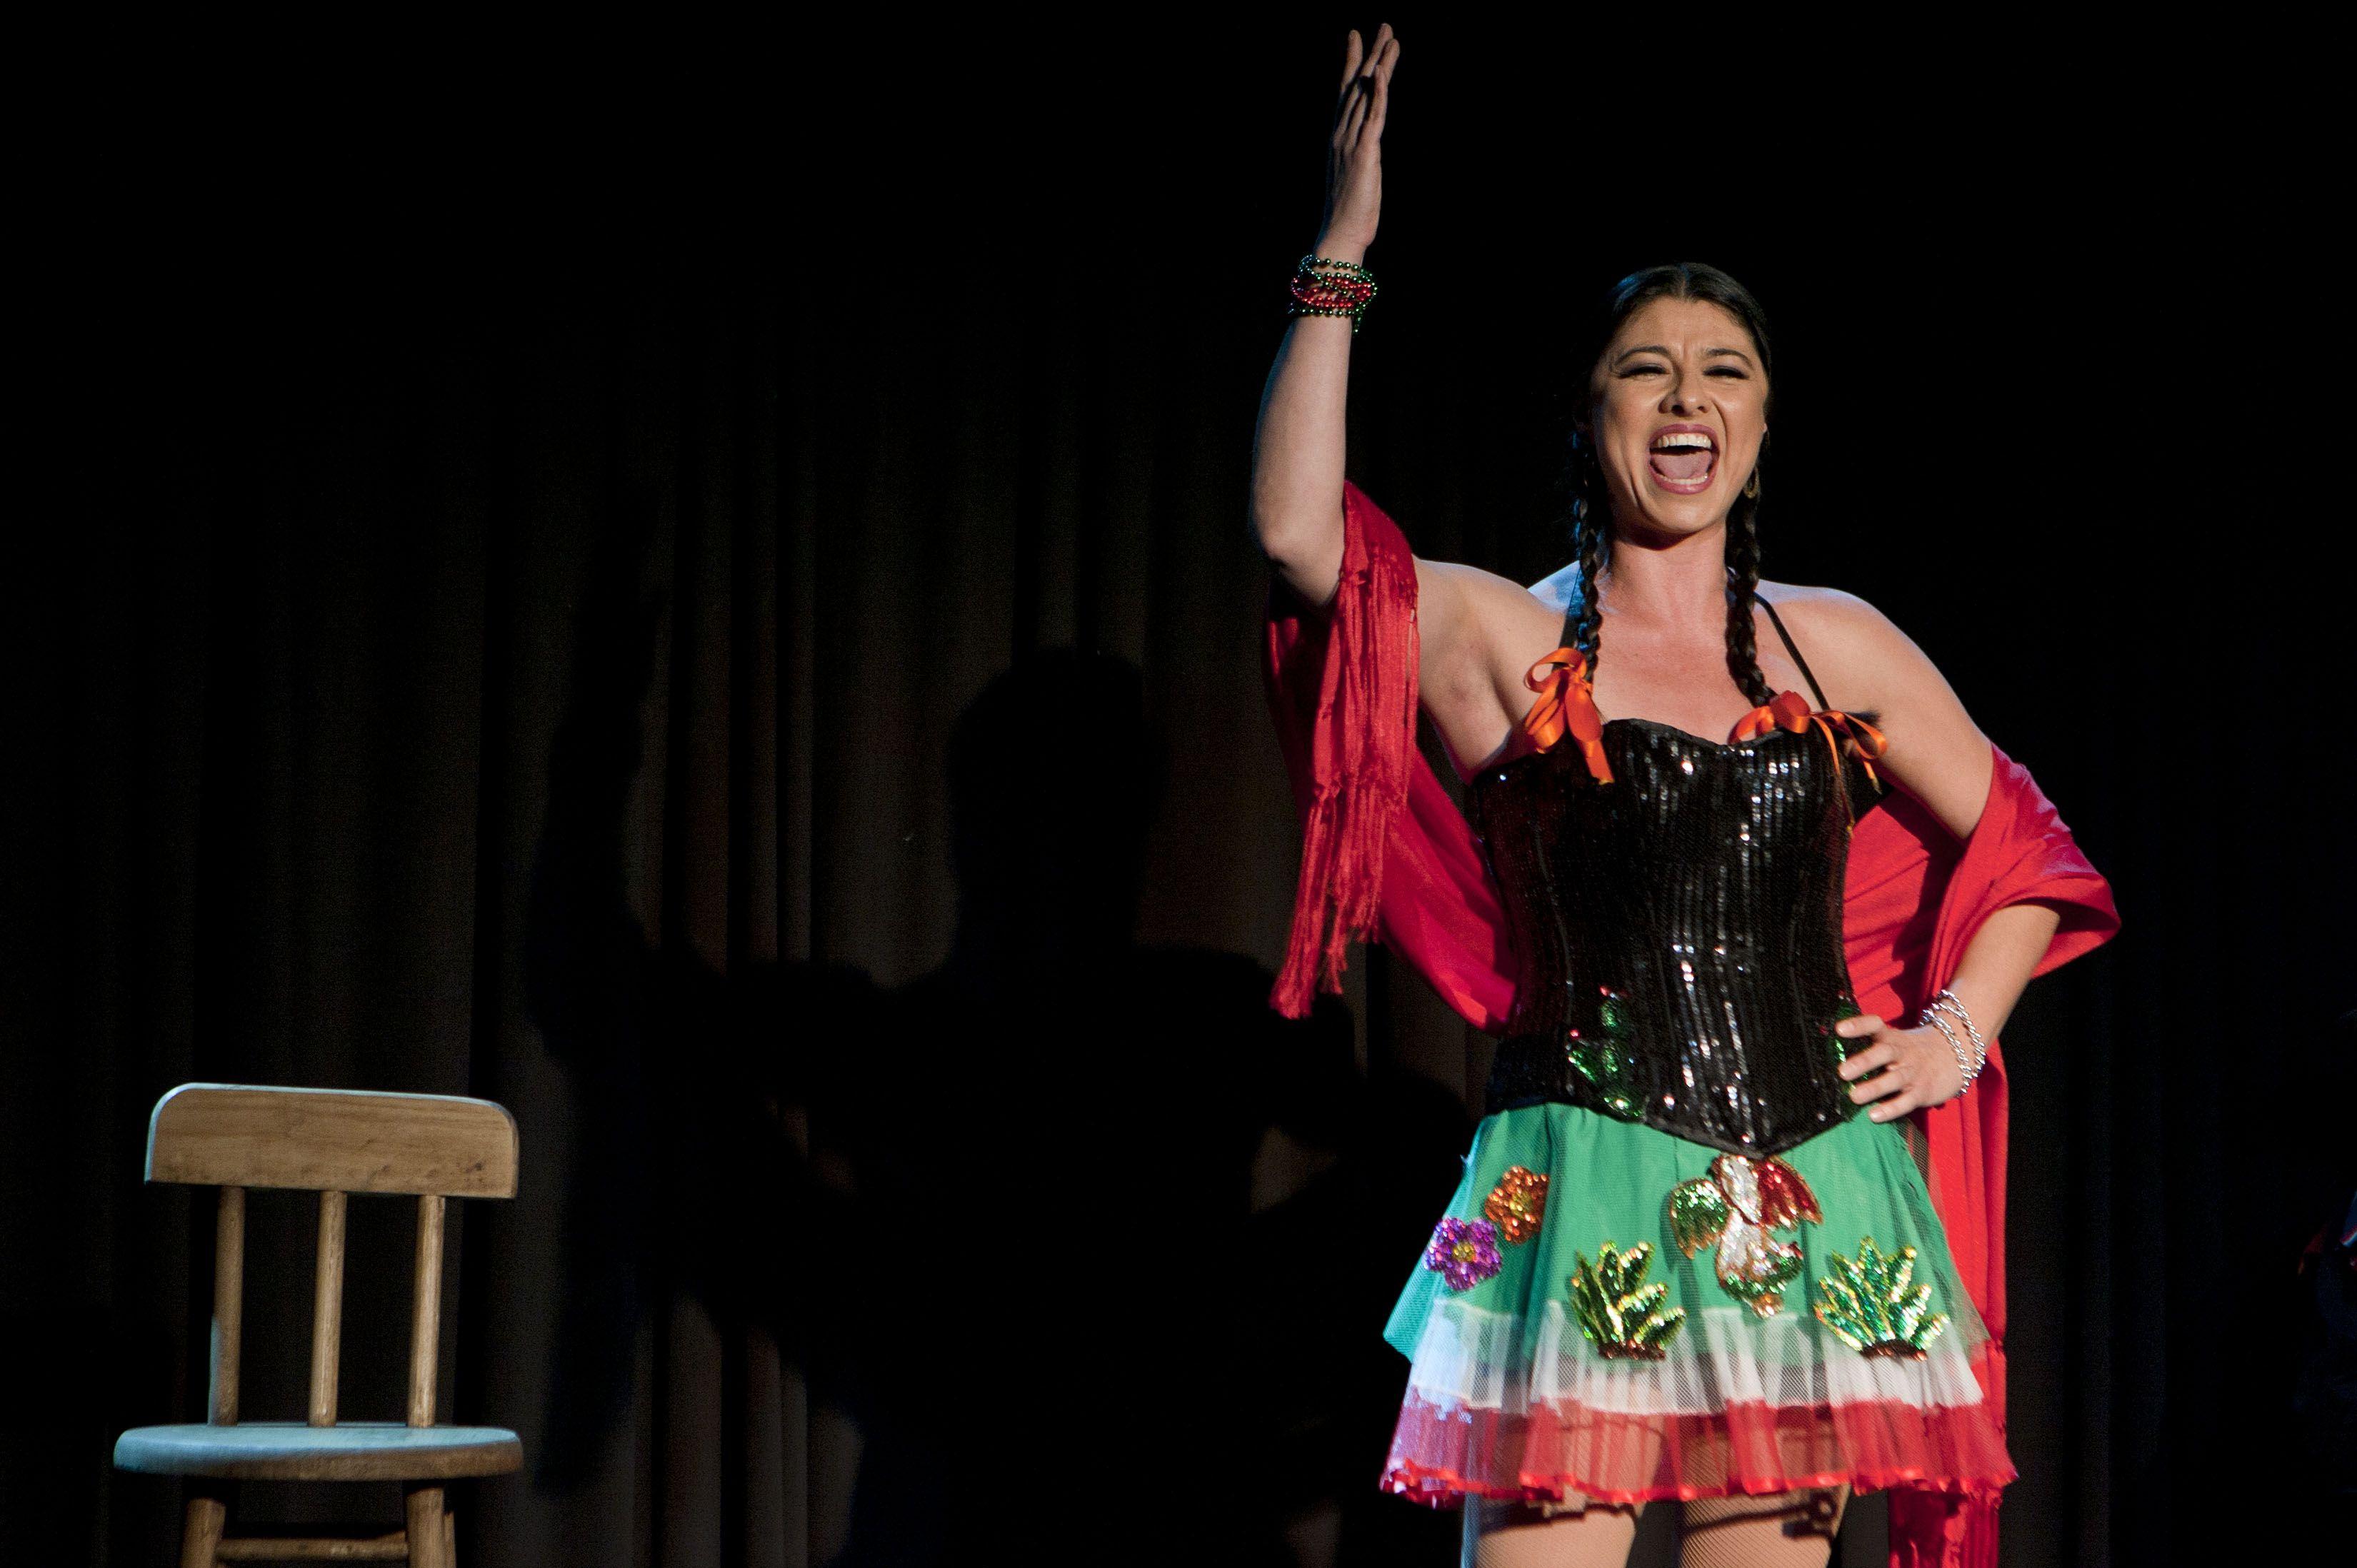 Tequila y canción pal corazón en el Teatro de la Ciudad Esperanza Iris. Foto: Antonio Nava.